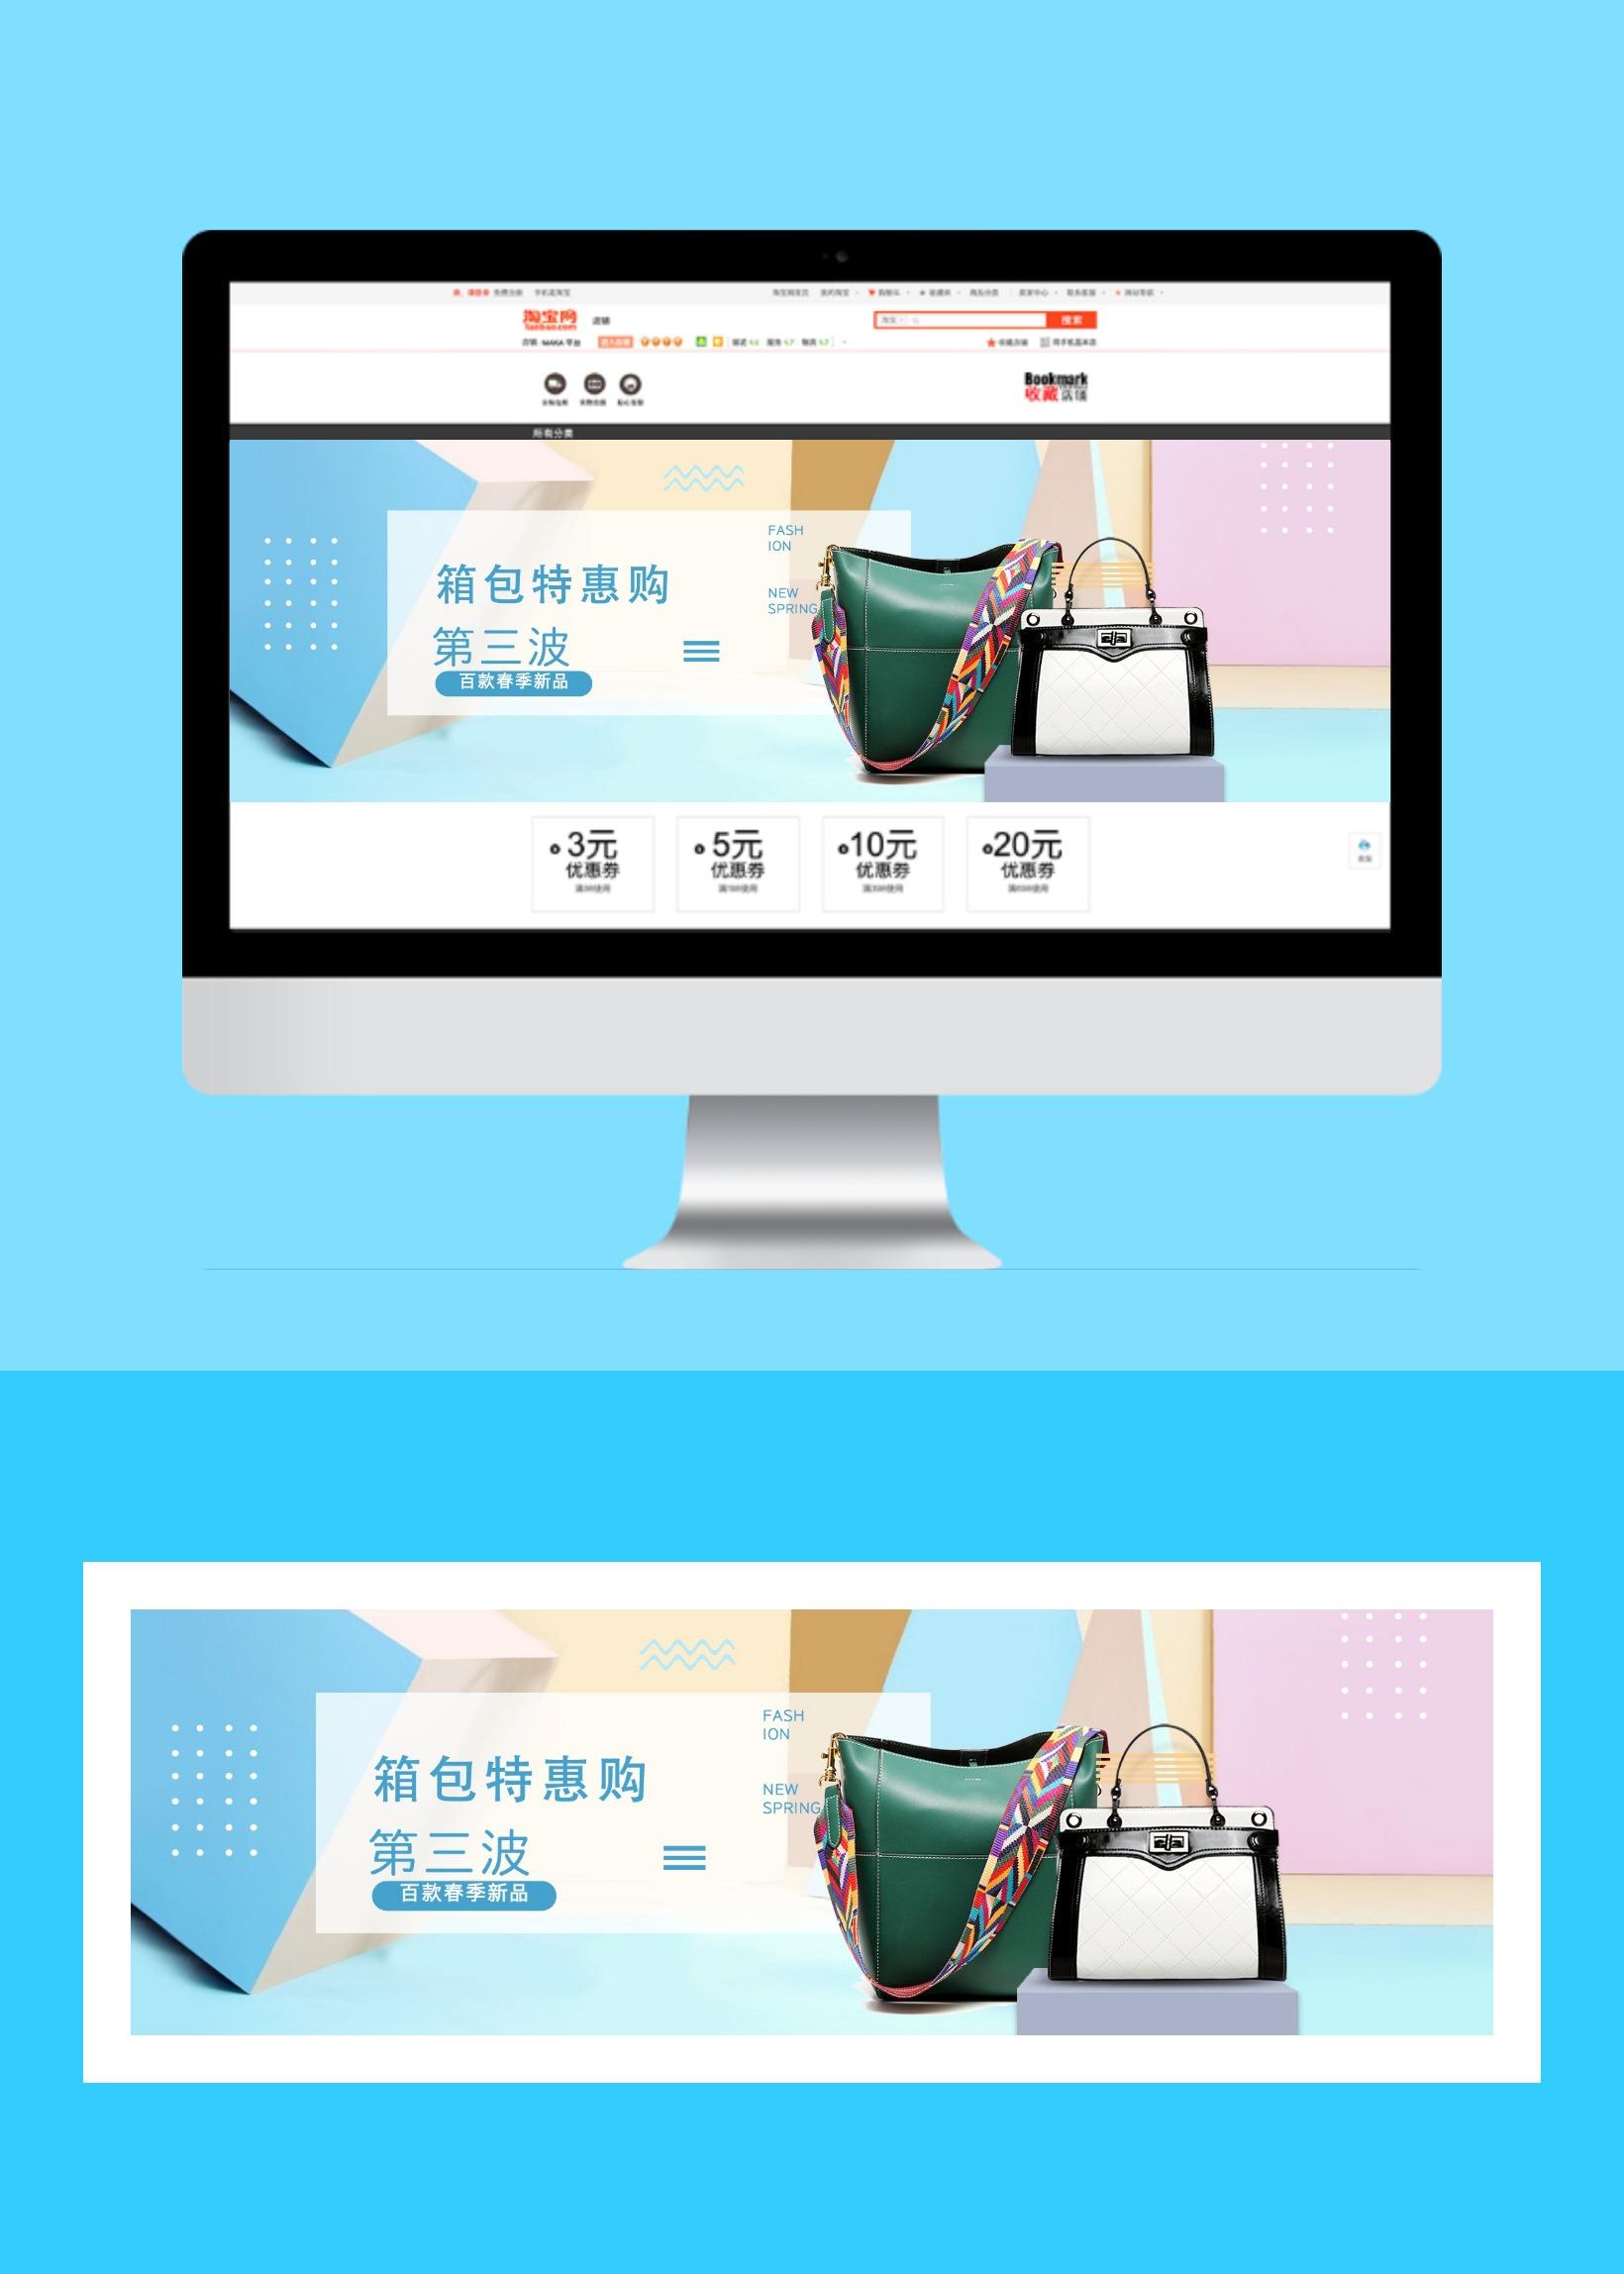 新春扁平化箱包电商产品促销宣传banner